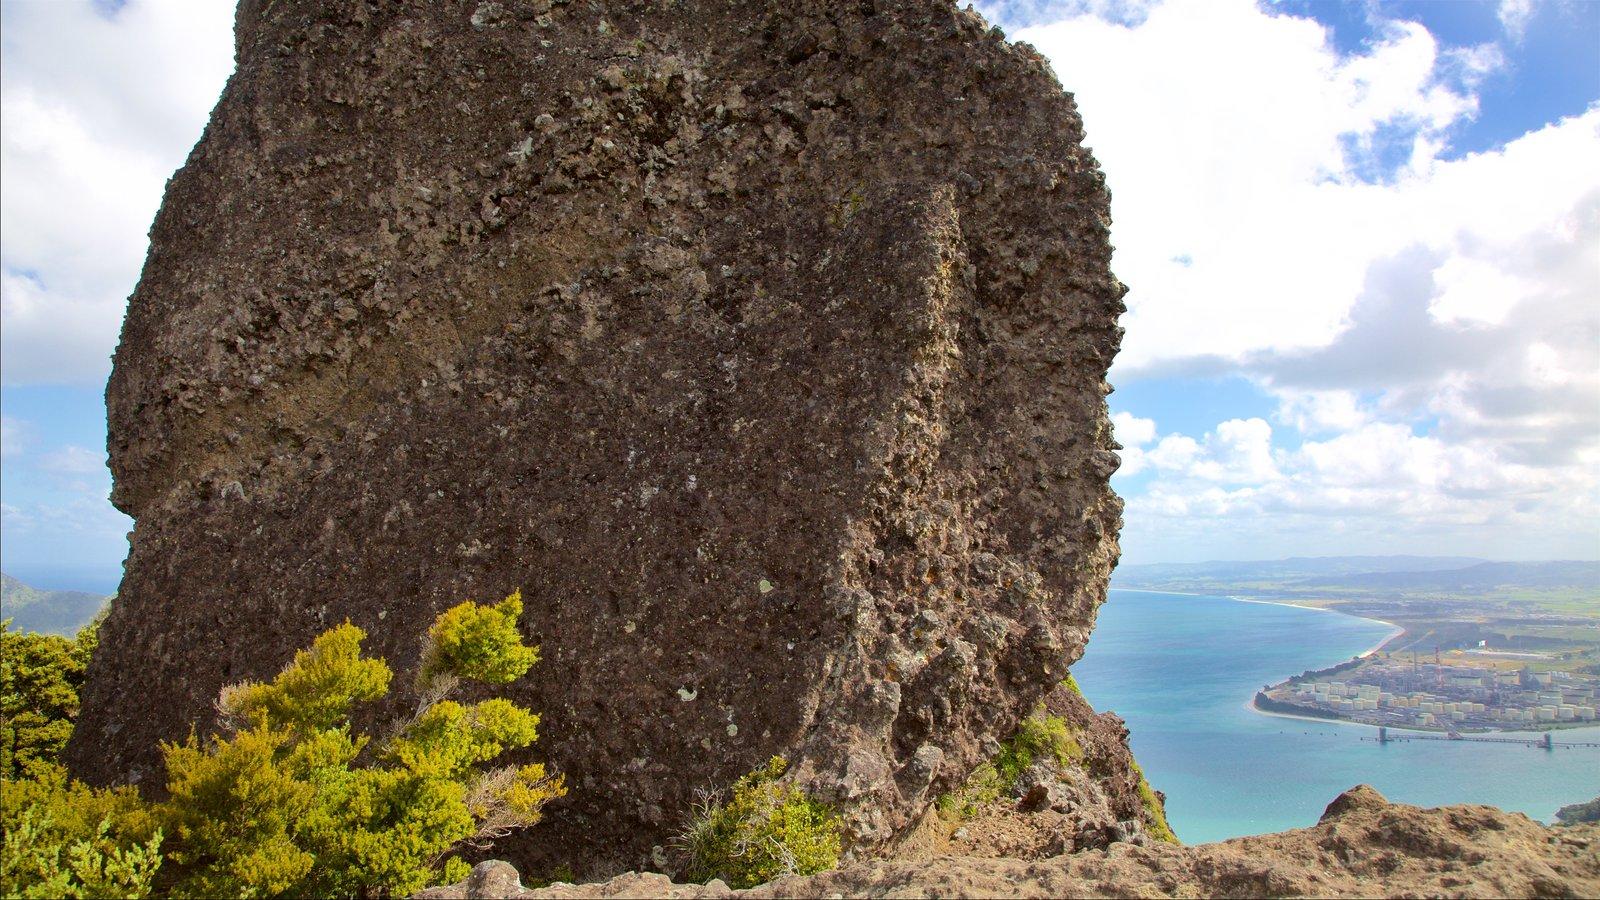 Mount Manaia mostrando una bahía o puerto y costa rocosa